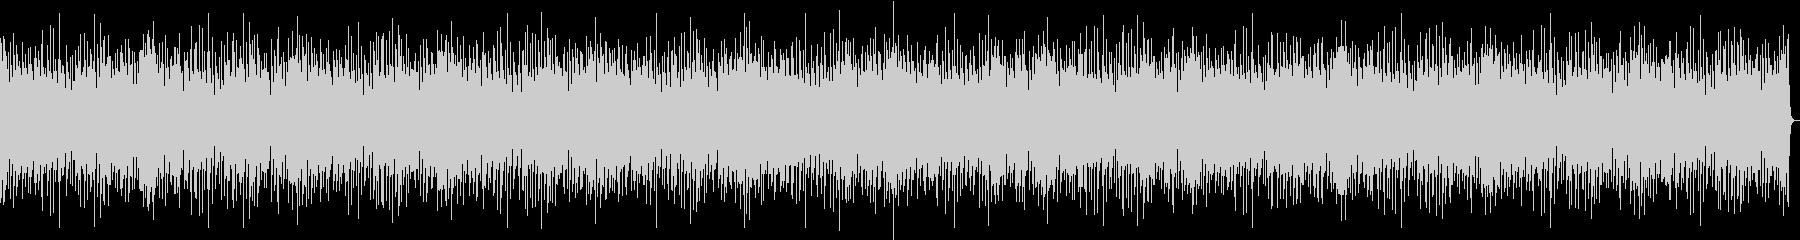 バンドサウンドの爽やかなブルースBGM3の未再生の波形